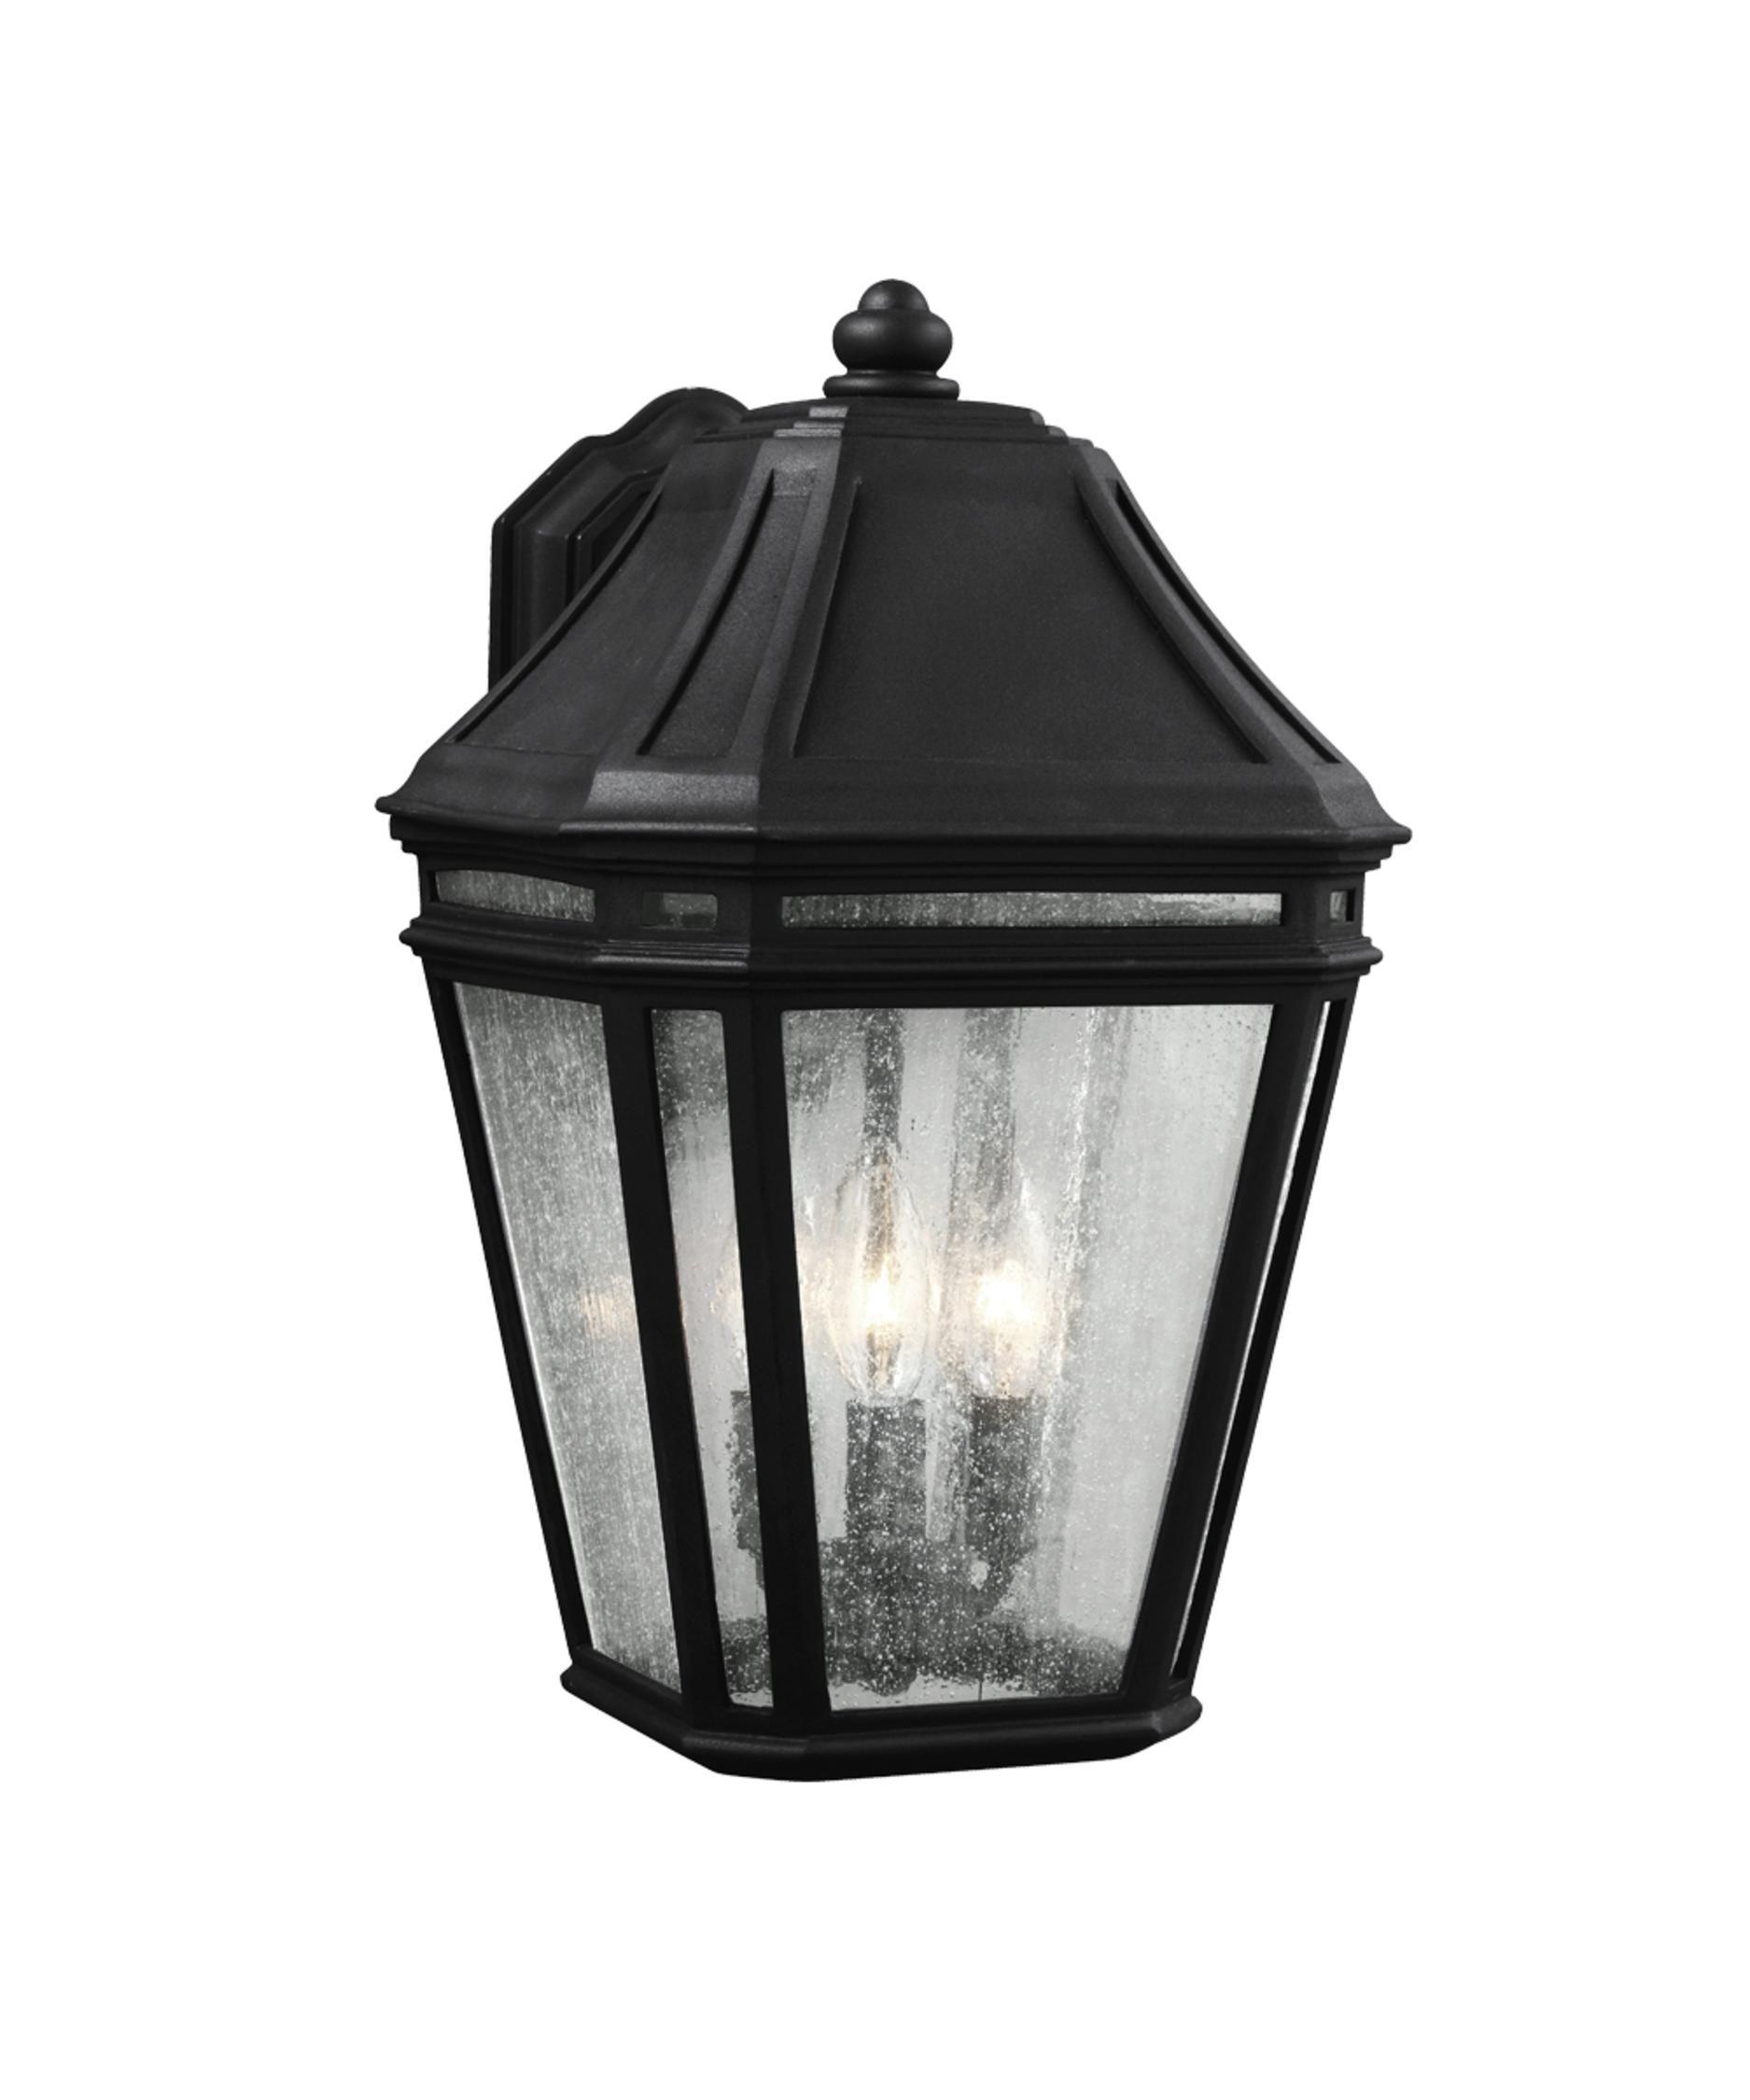 Murray feiss ol londontowne light outdoor wall light murray